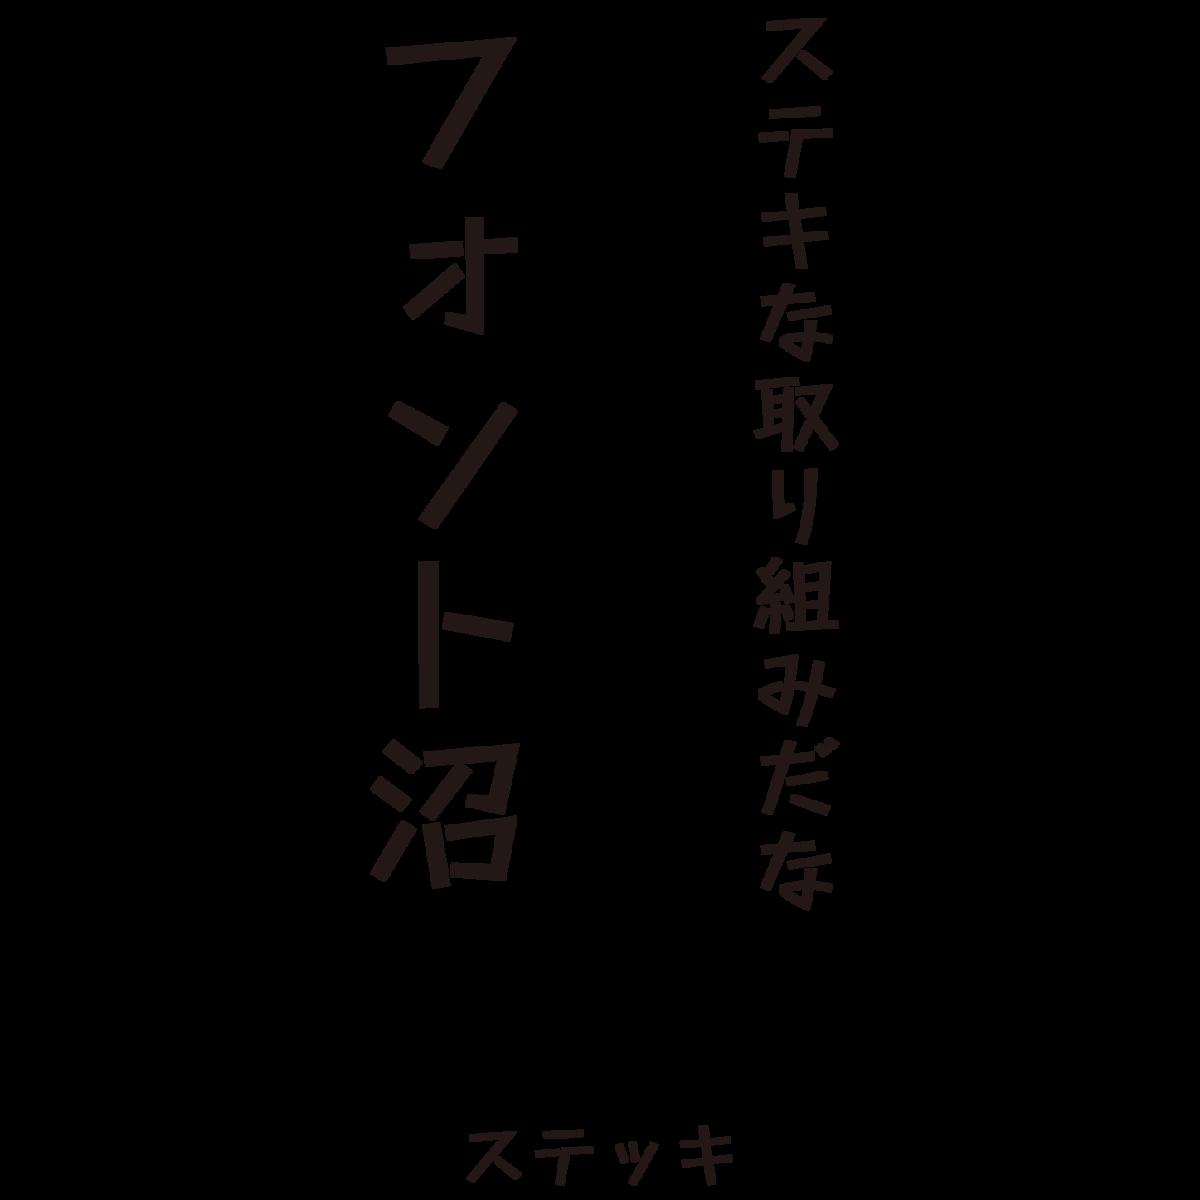 f:id:mojiru:20210124170547p:plain